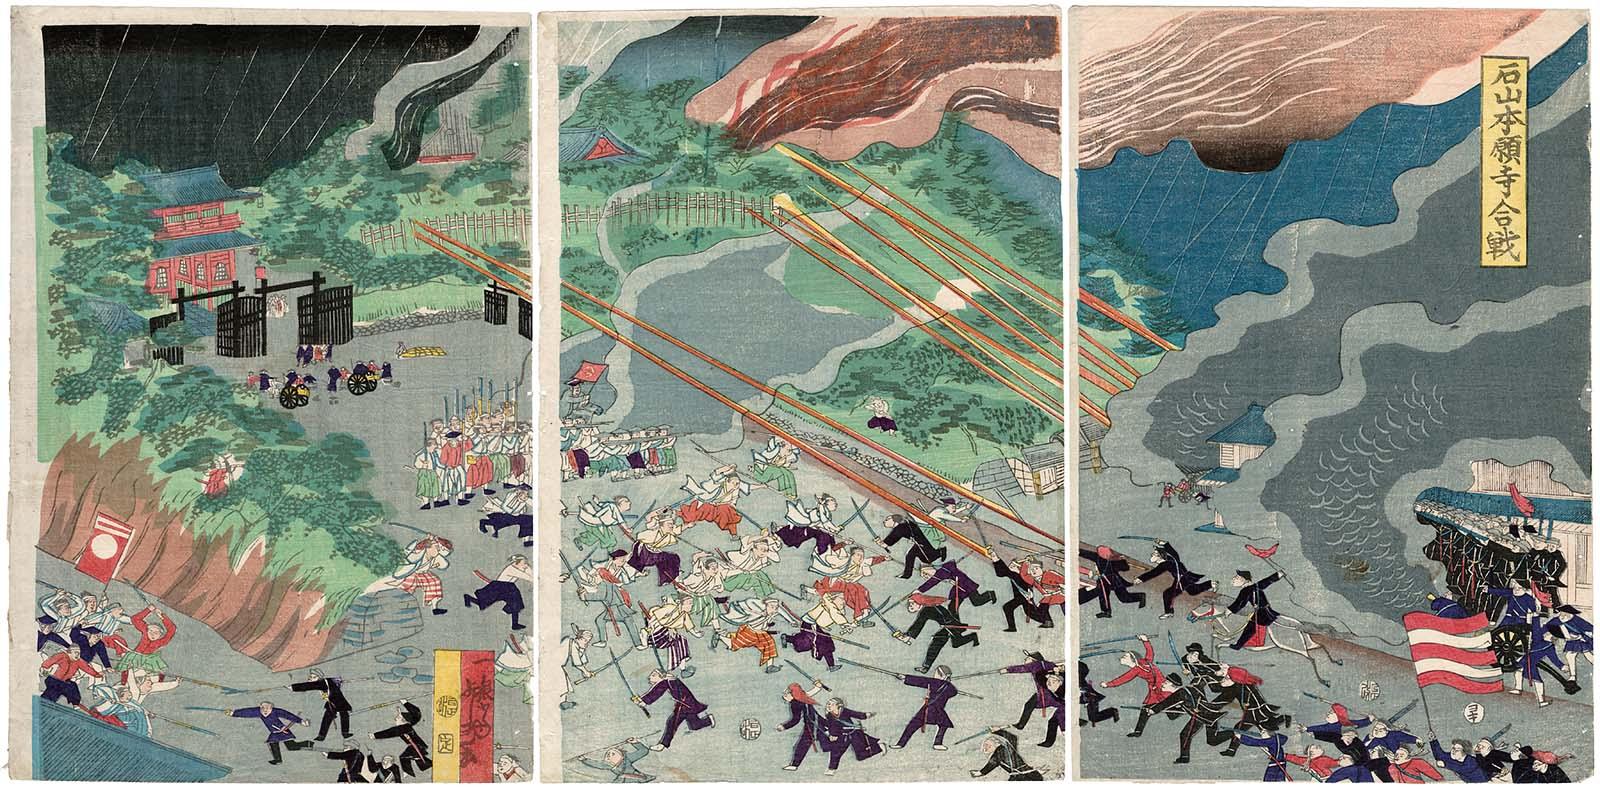 Ishiyama Hongan-ji War - Wikipedia